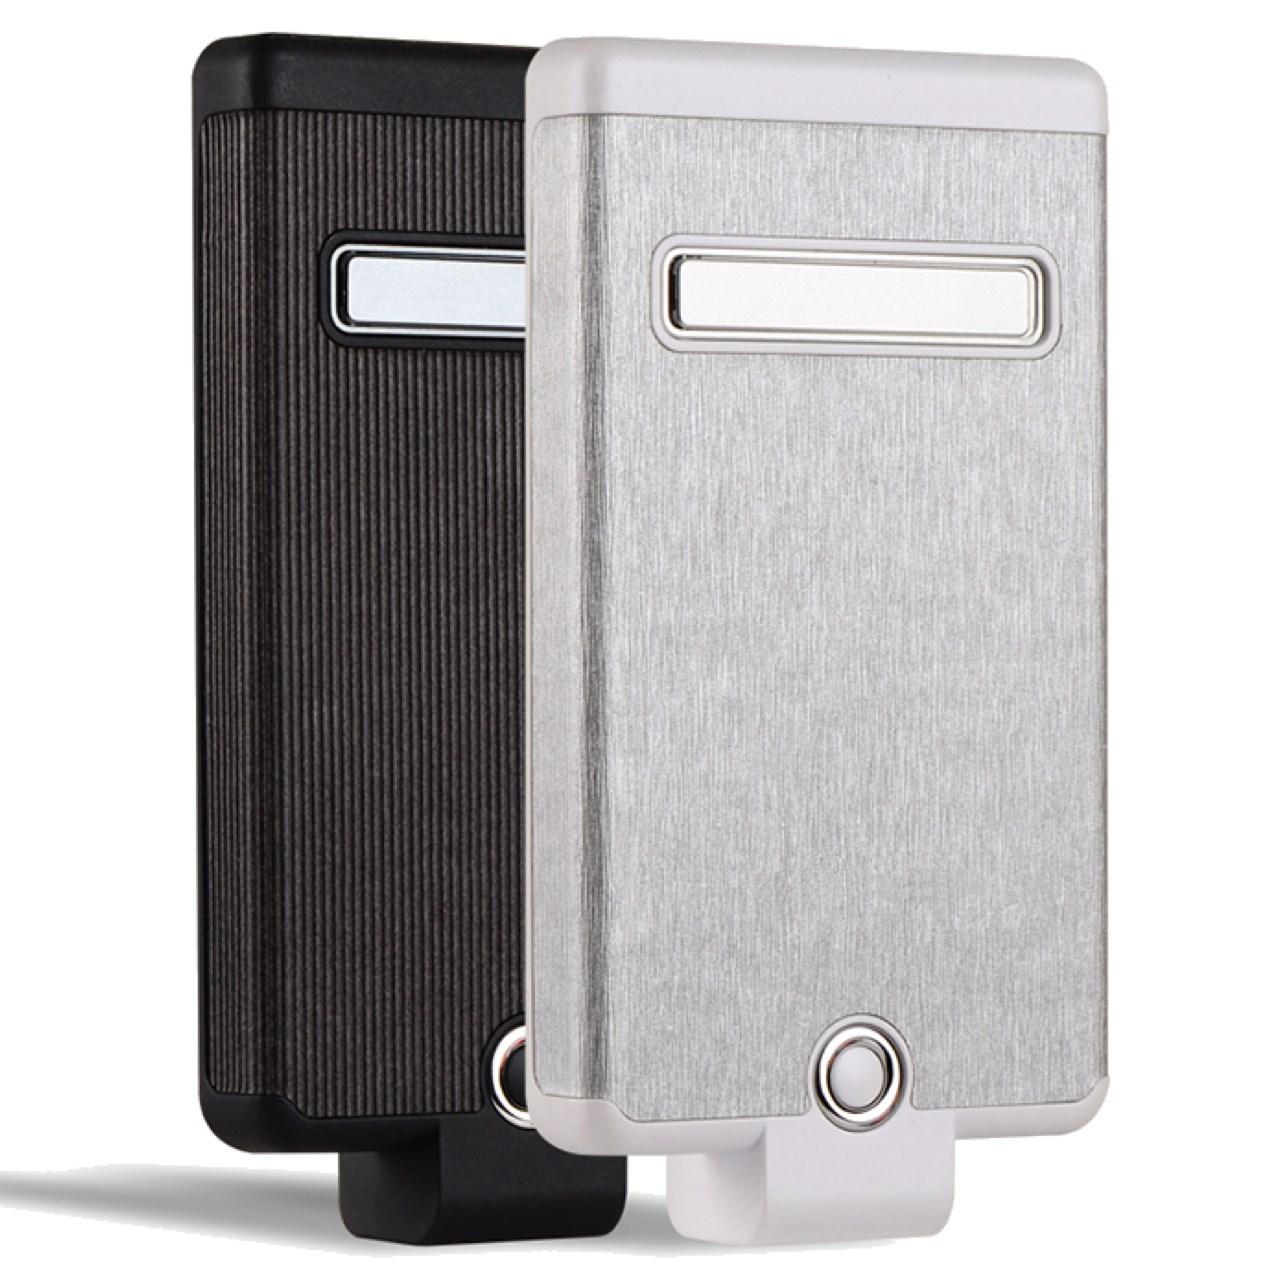 قیمت شارژر همراه ویکآپ ورلد مدل Back Clip Power ظرفیت 5000 میلی آمپر ساعت مناسب برای iphone 6